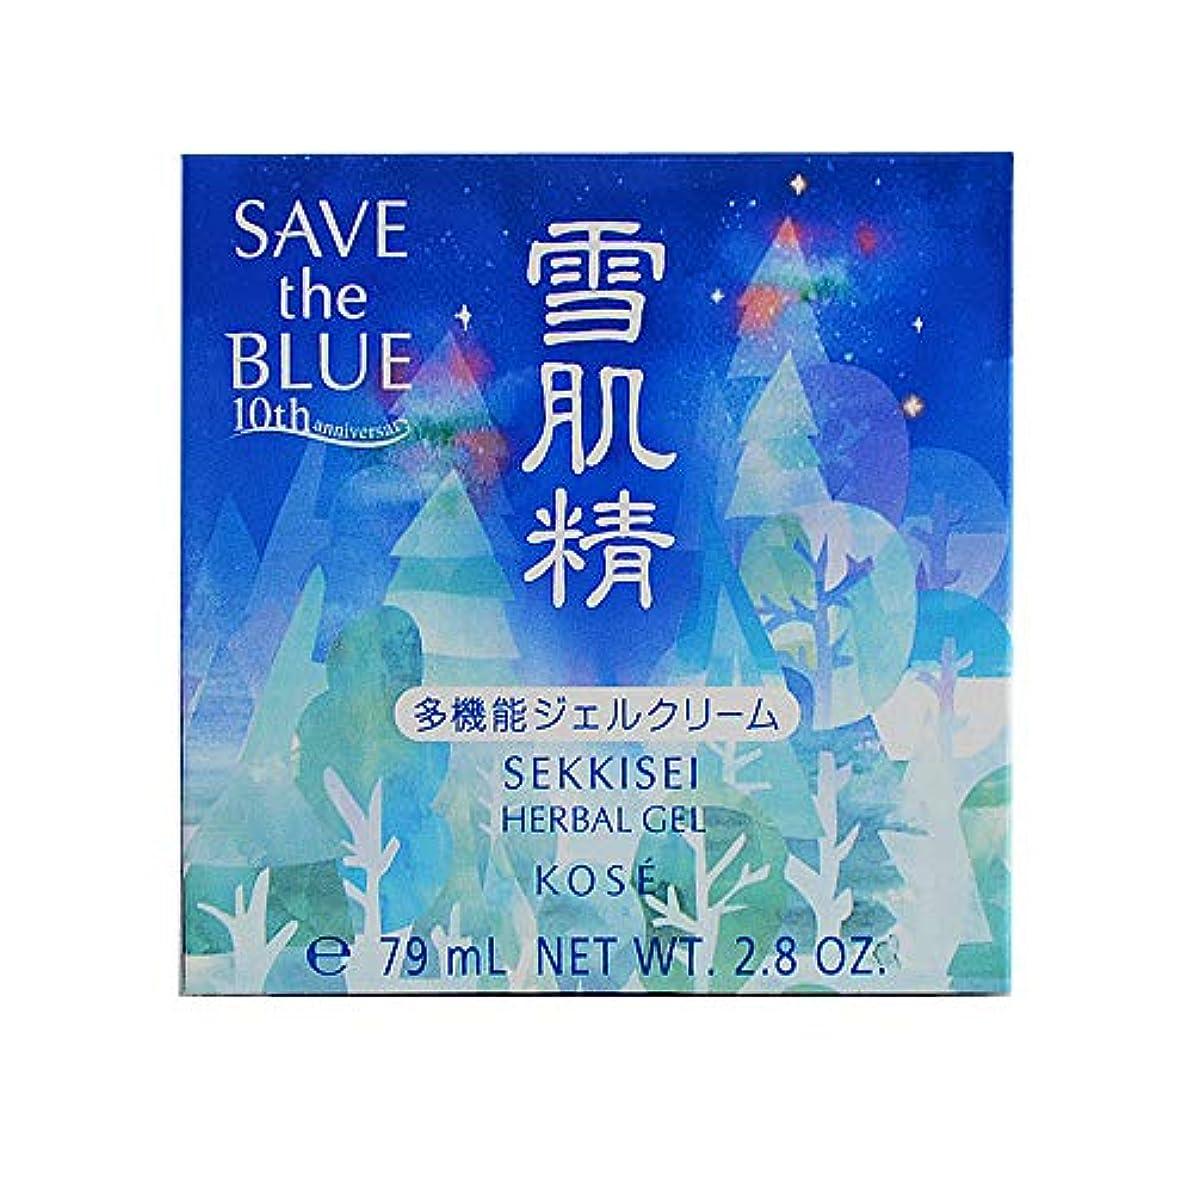 薬を飲む闘争姓コーセー 雪肌精 ハーバルジェル 80g (SAVE the BLUE) [ フェイスクリーム ] [並行輸入品]